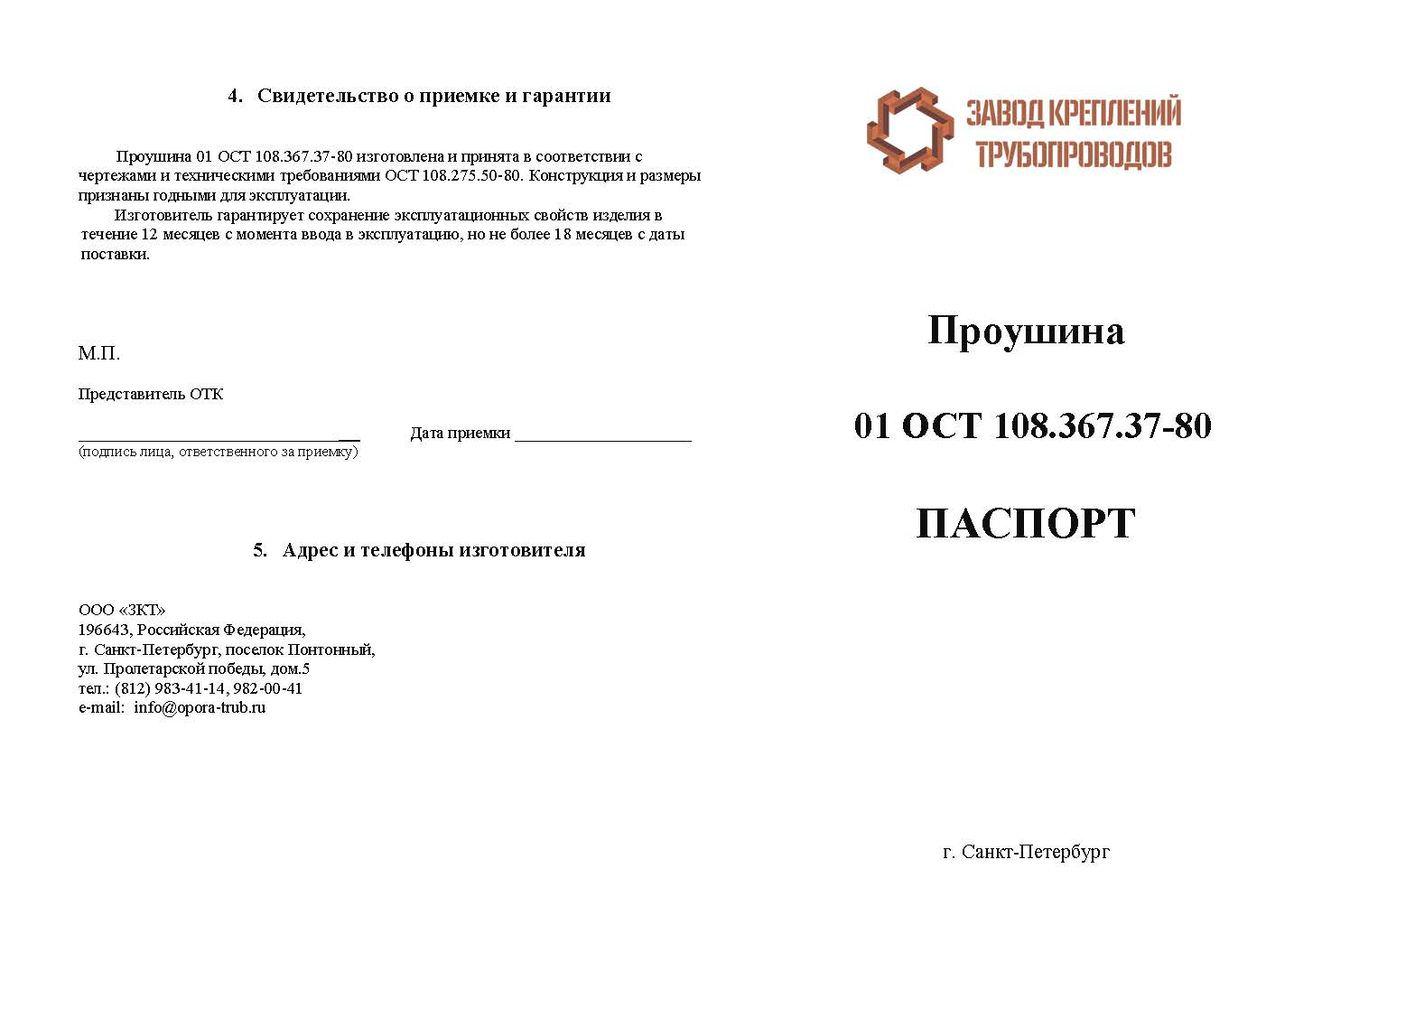 Паспорт проушина 01 ОСТ 108.367.37-80 стр.1